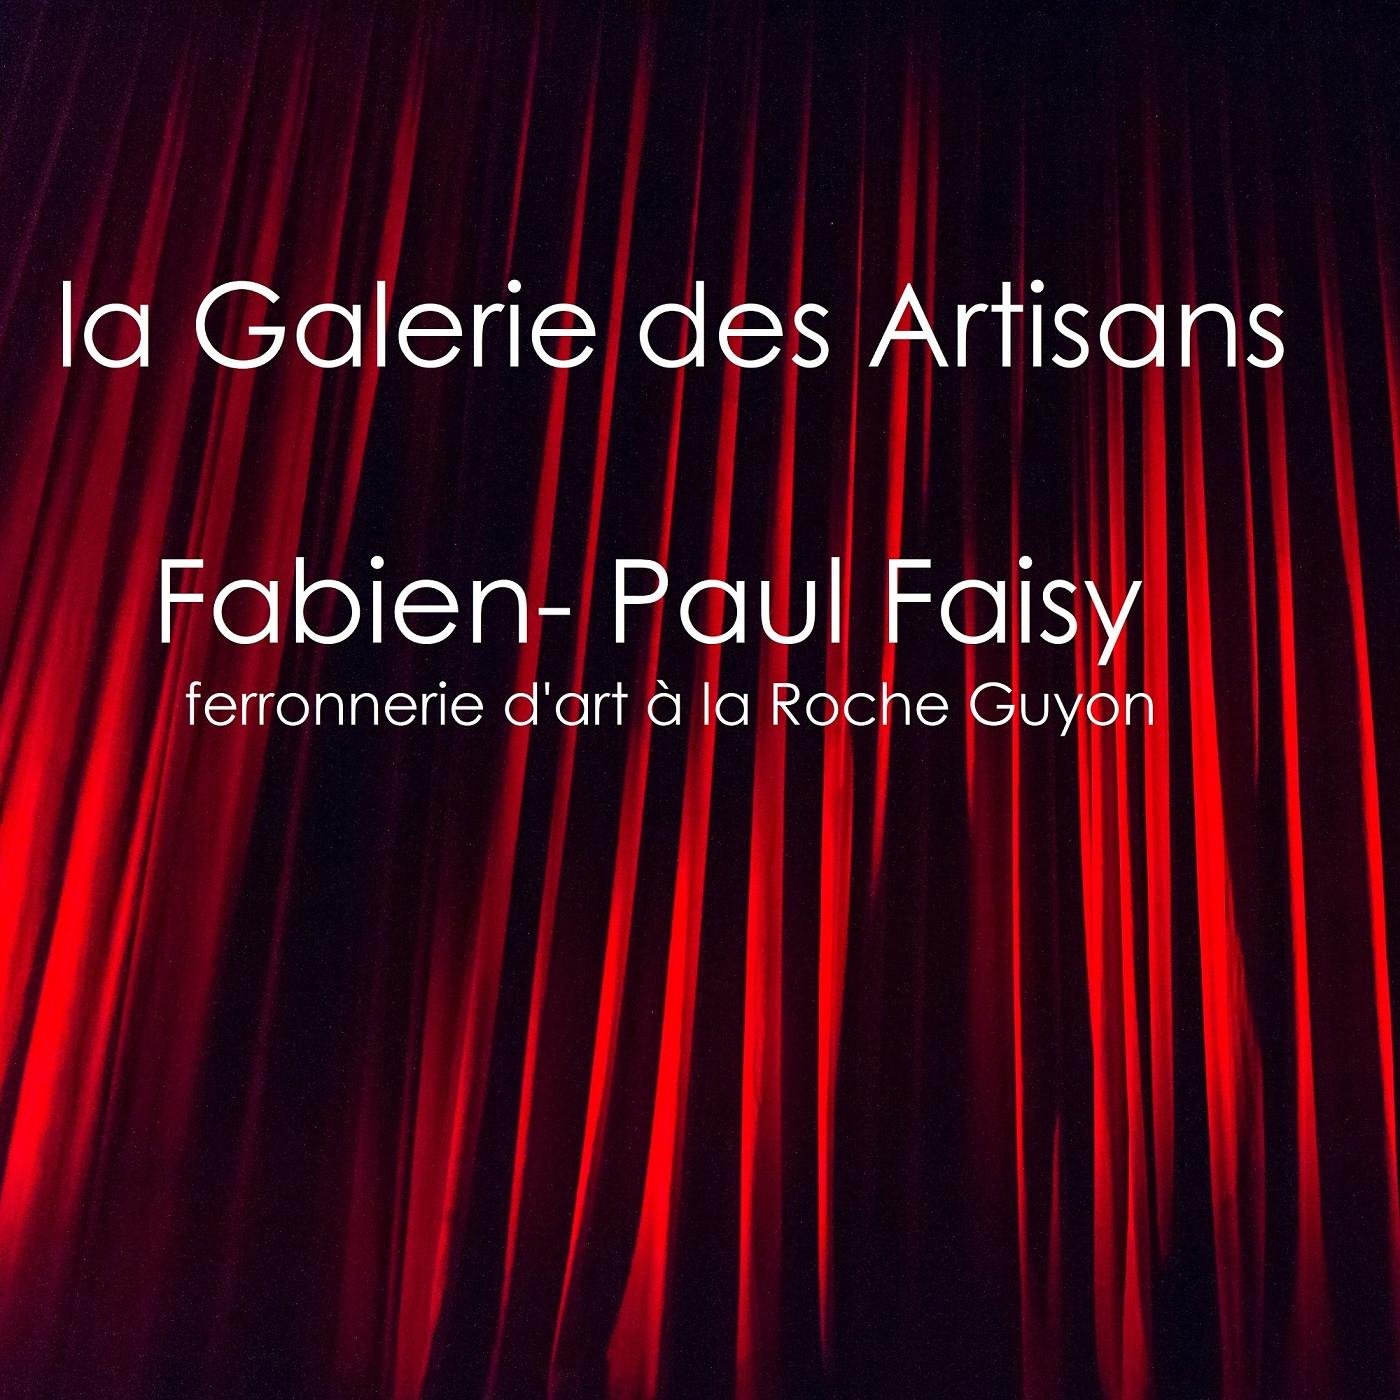 Fabien Paul Faisy,  ferronnerie d'art